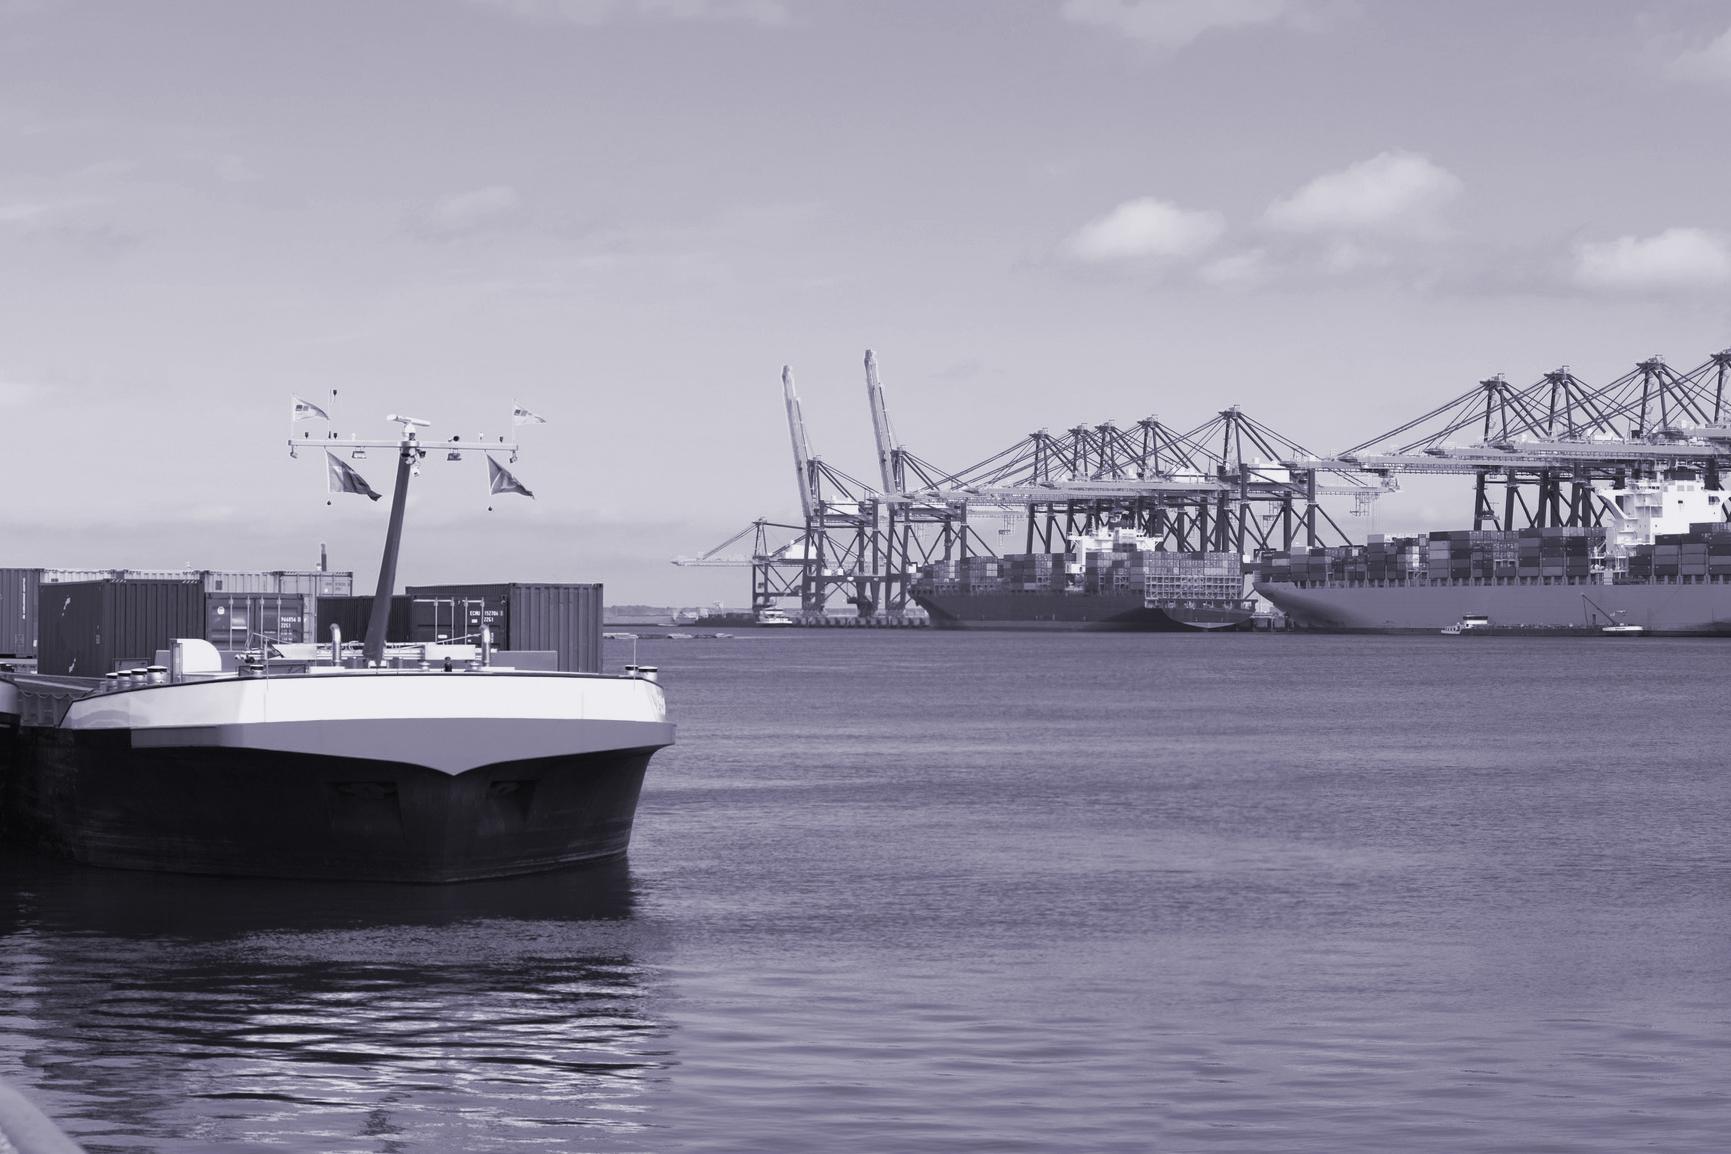 Hafen-Projekt für weniger Lieferverkehr in den Städten